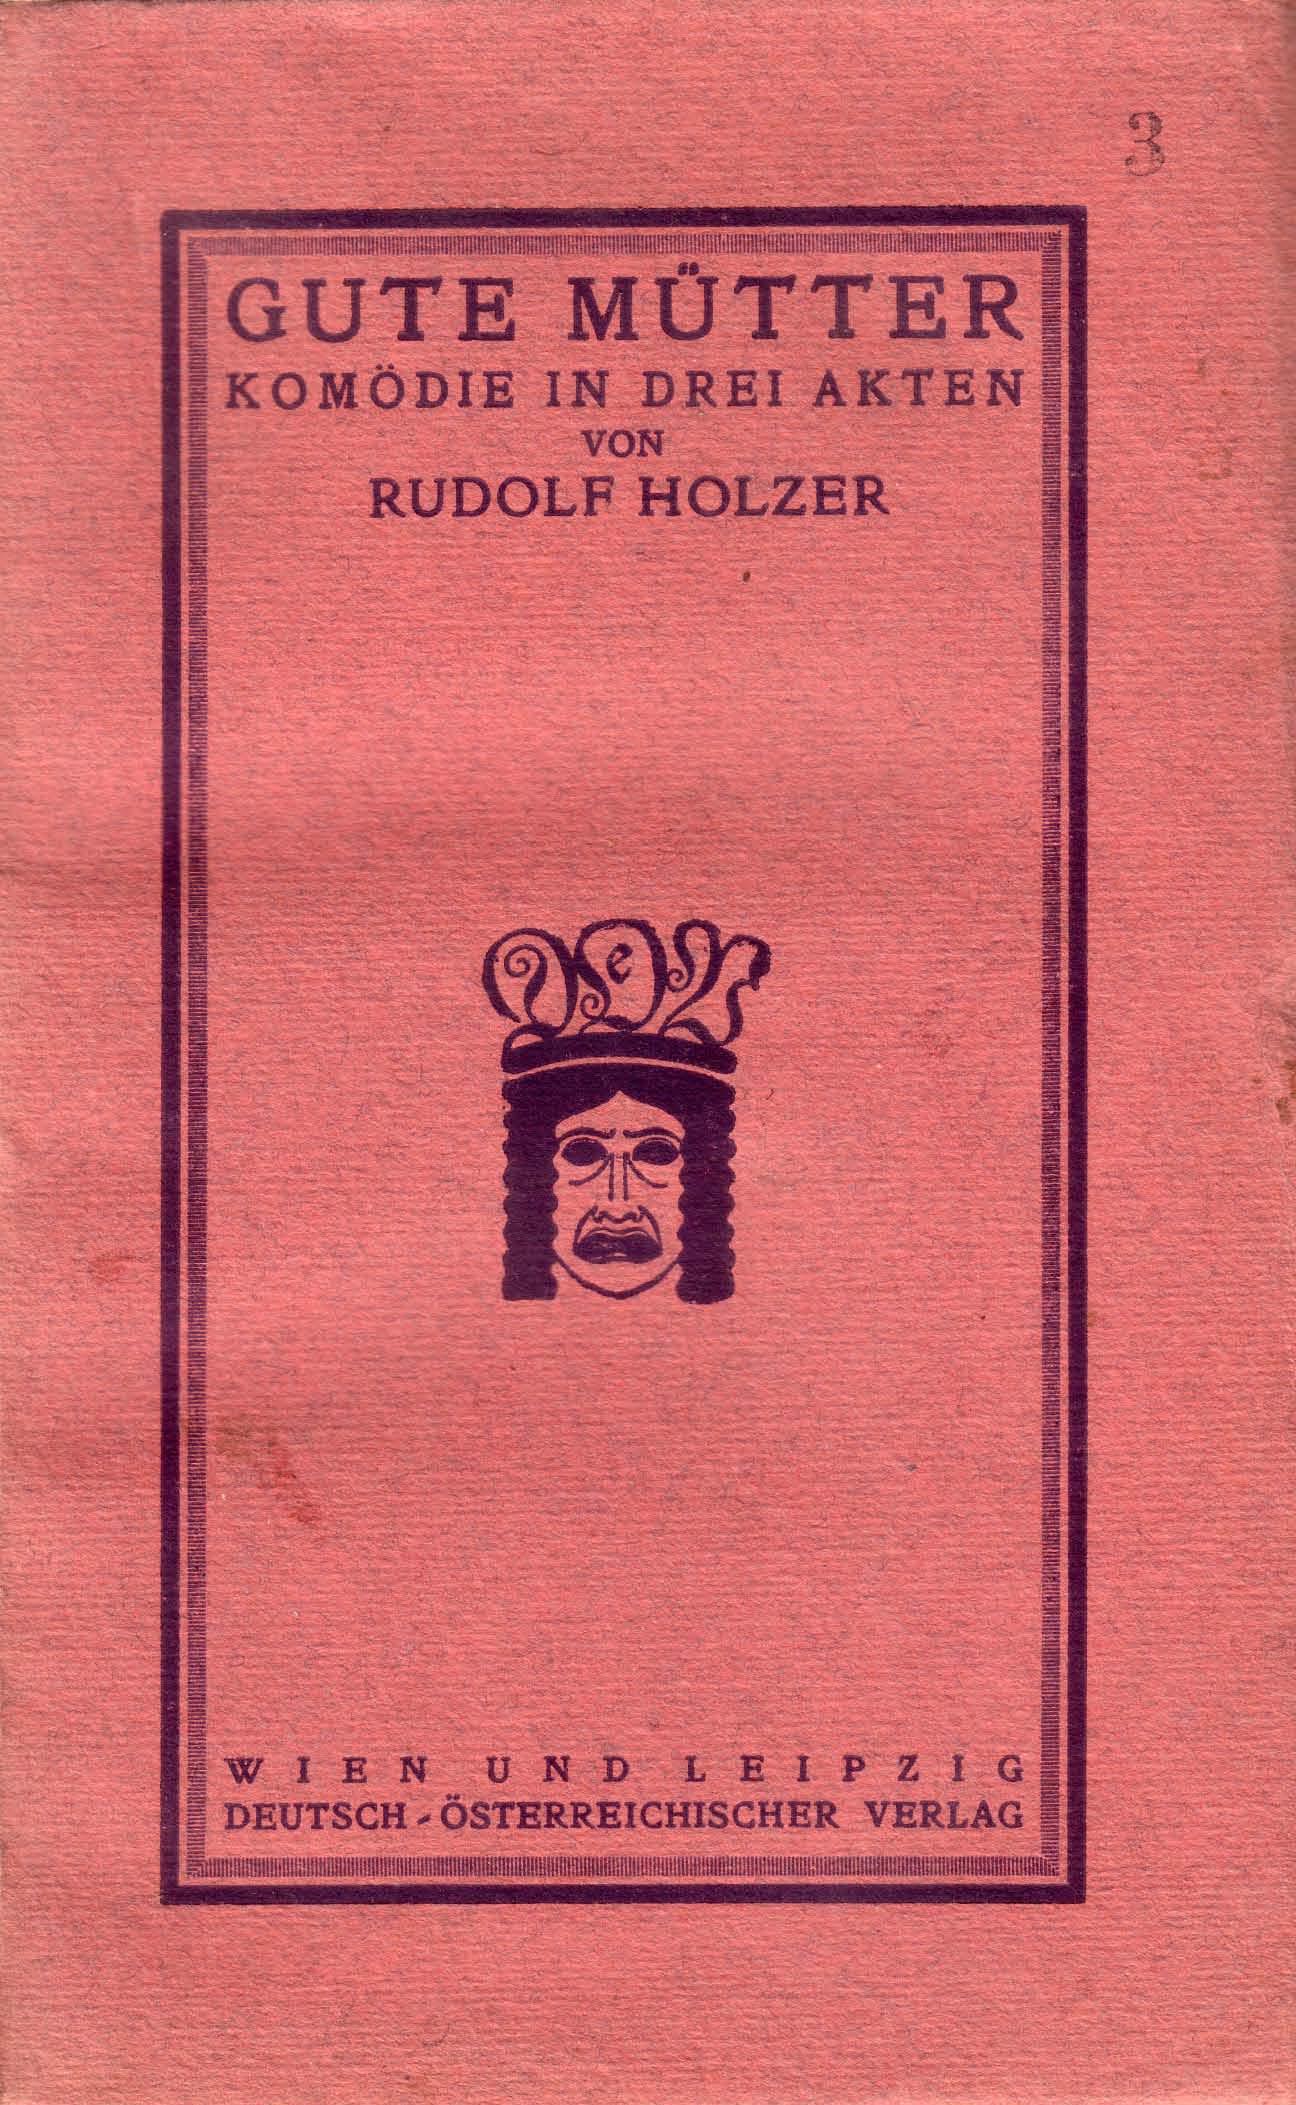 Einband des Deutsch-österreichischen Verlags